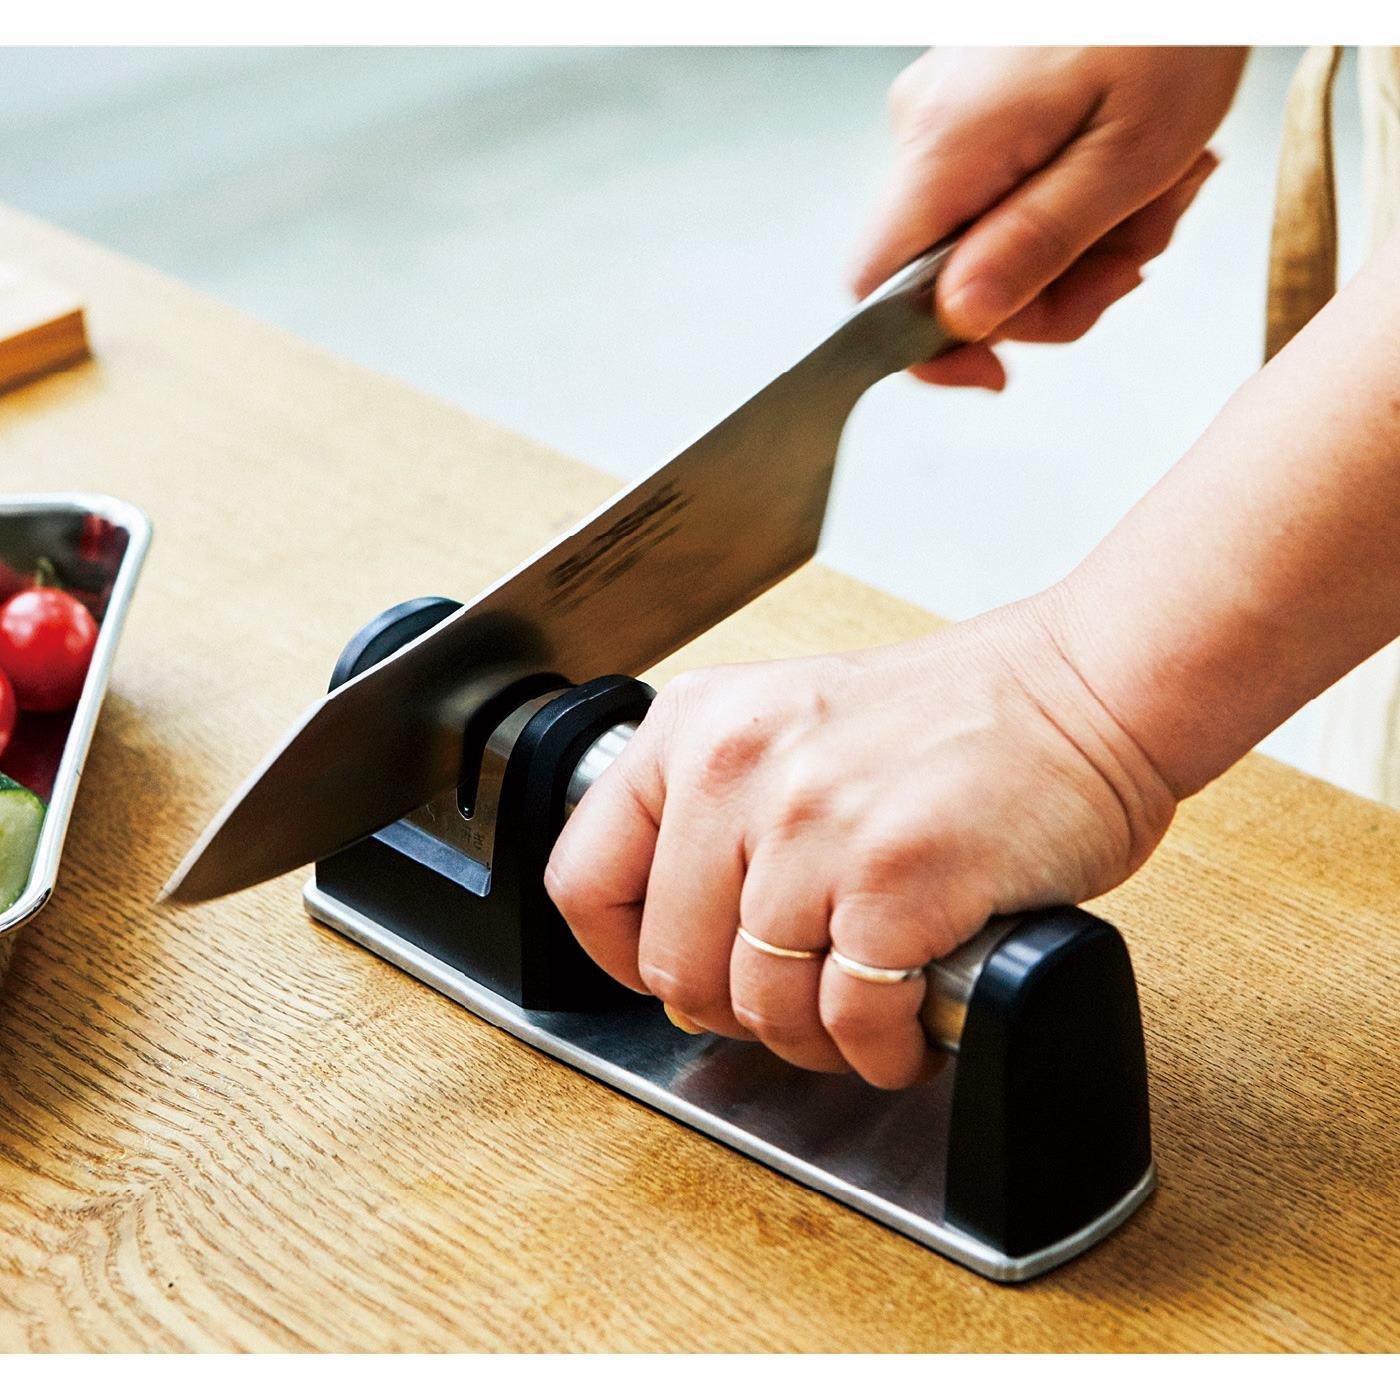 調理前のひと手間で切れ味よみがえる ステンレスシャープナー